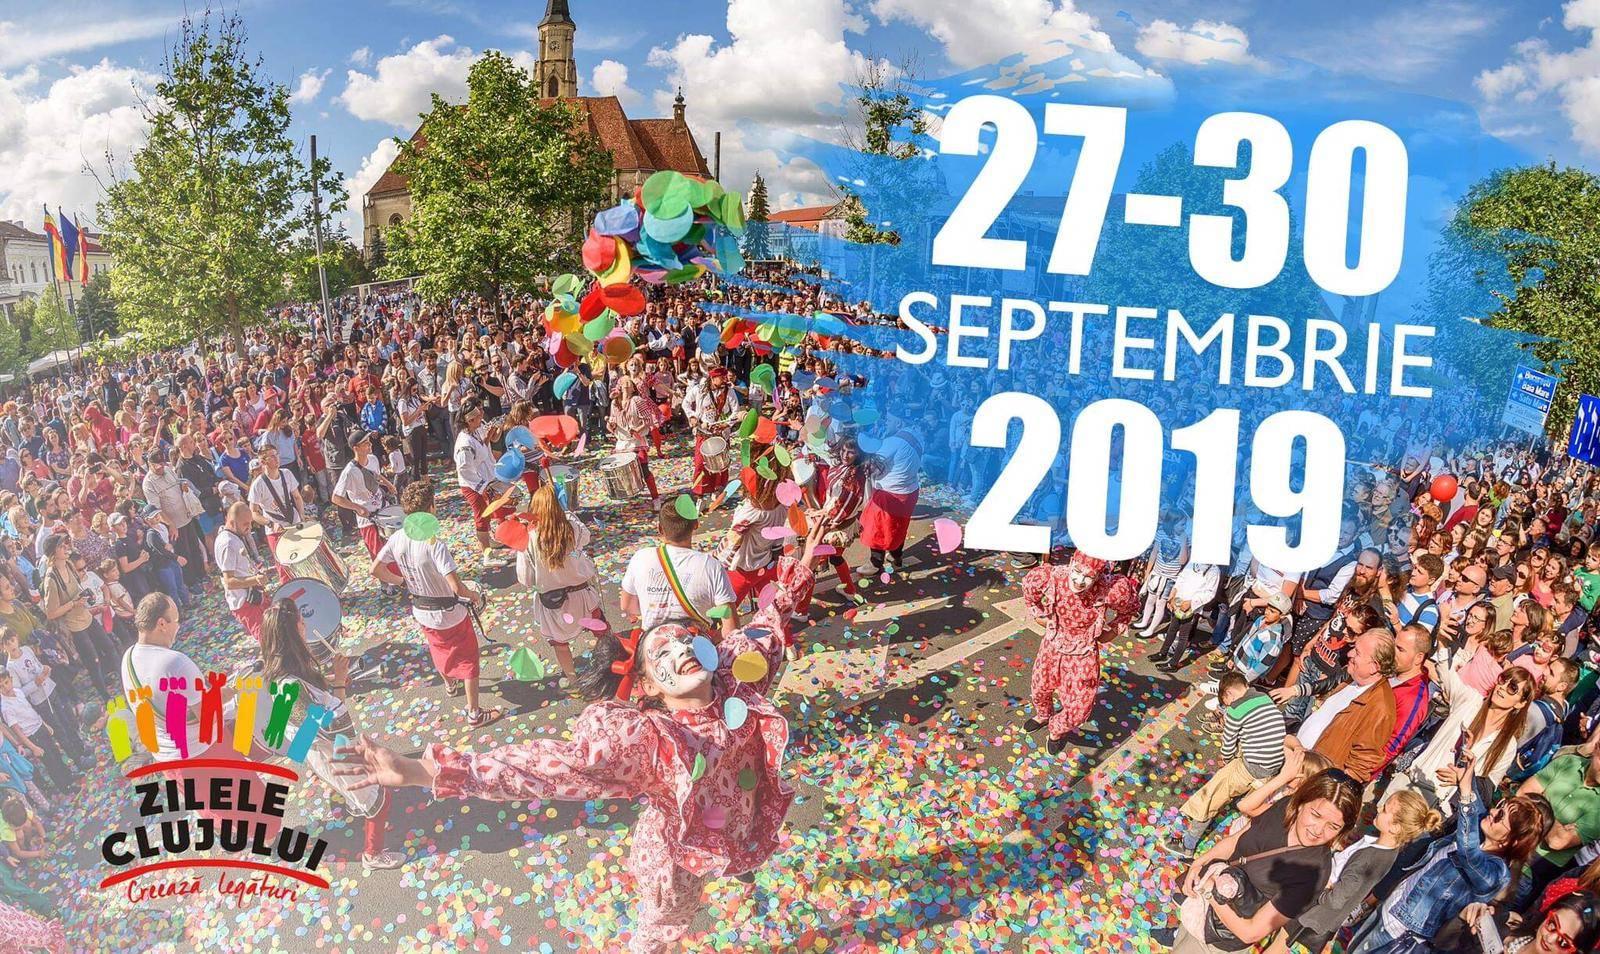 Zilele Clujului 2019, amânate pentru luna septembrie din cauza alegerilor europarlamentare din mai!